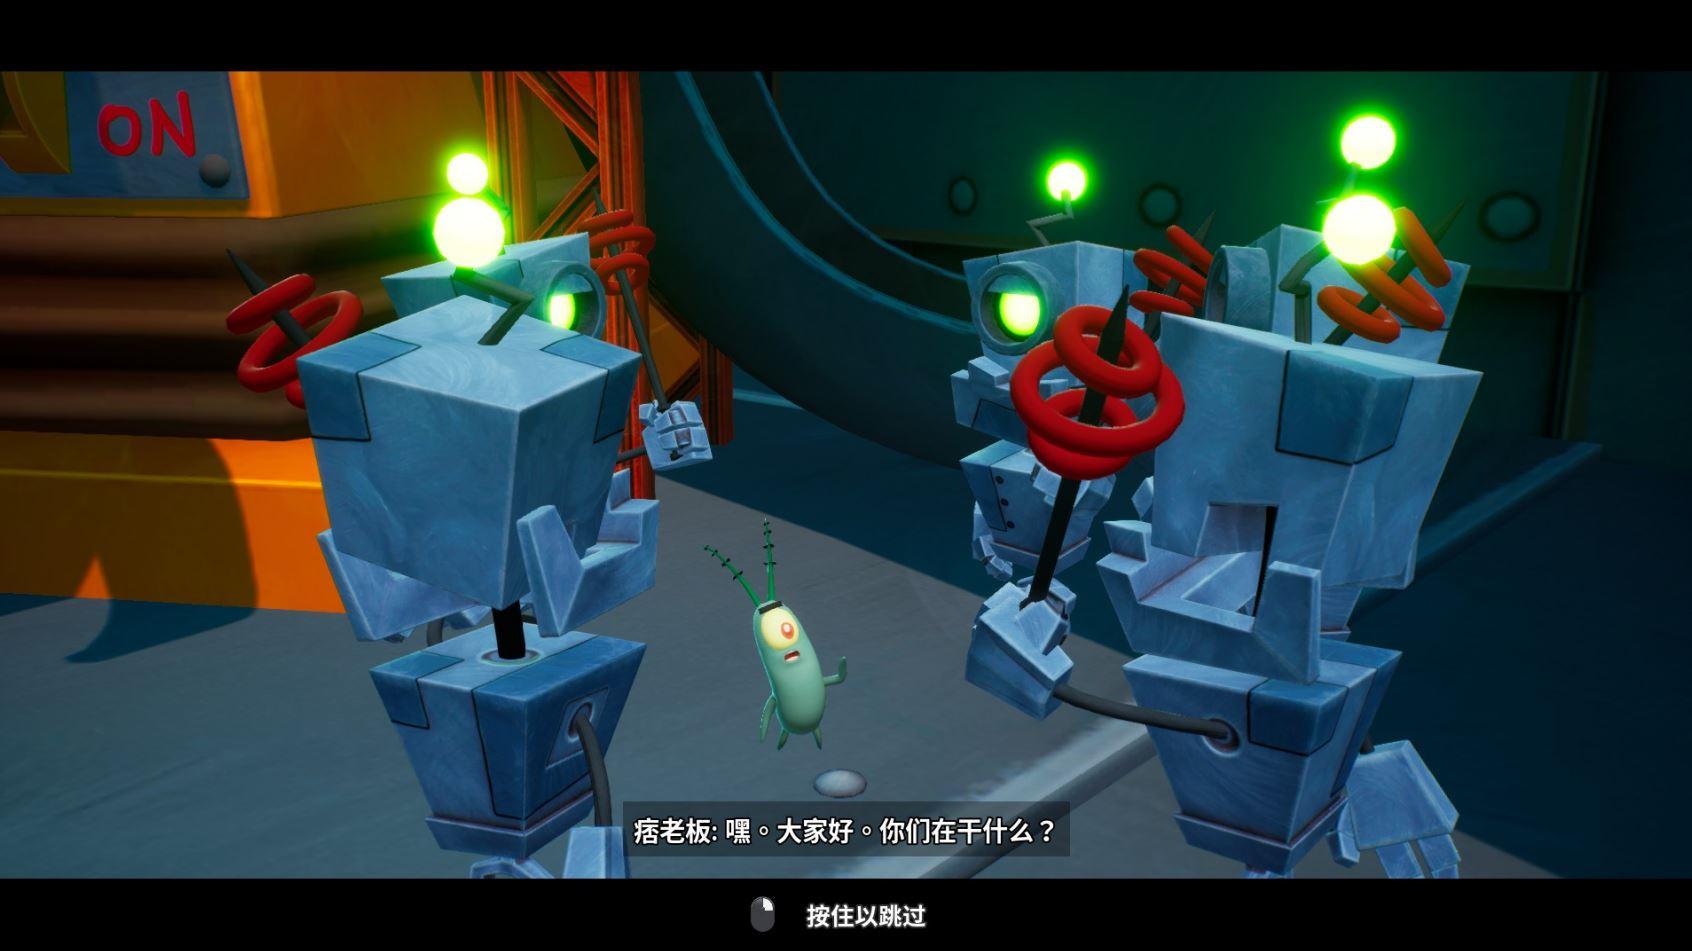 遊戲只有簡體中文,所以一些翻譯與台灣不同。